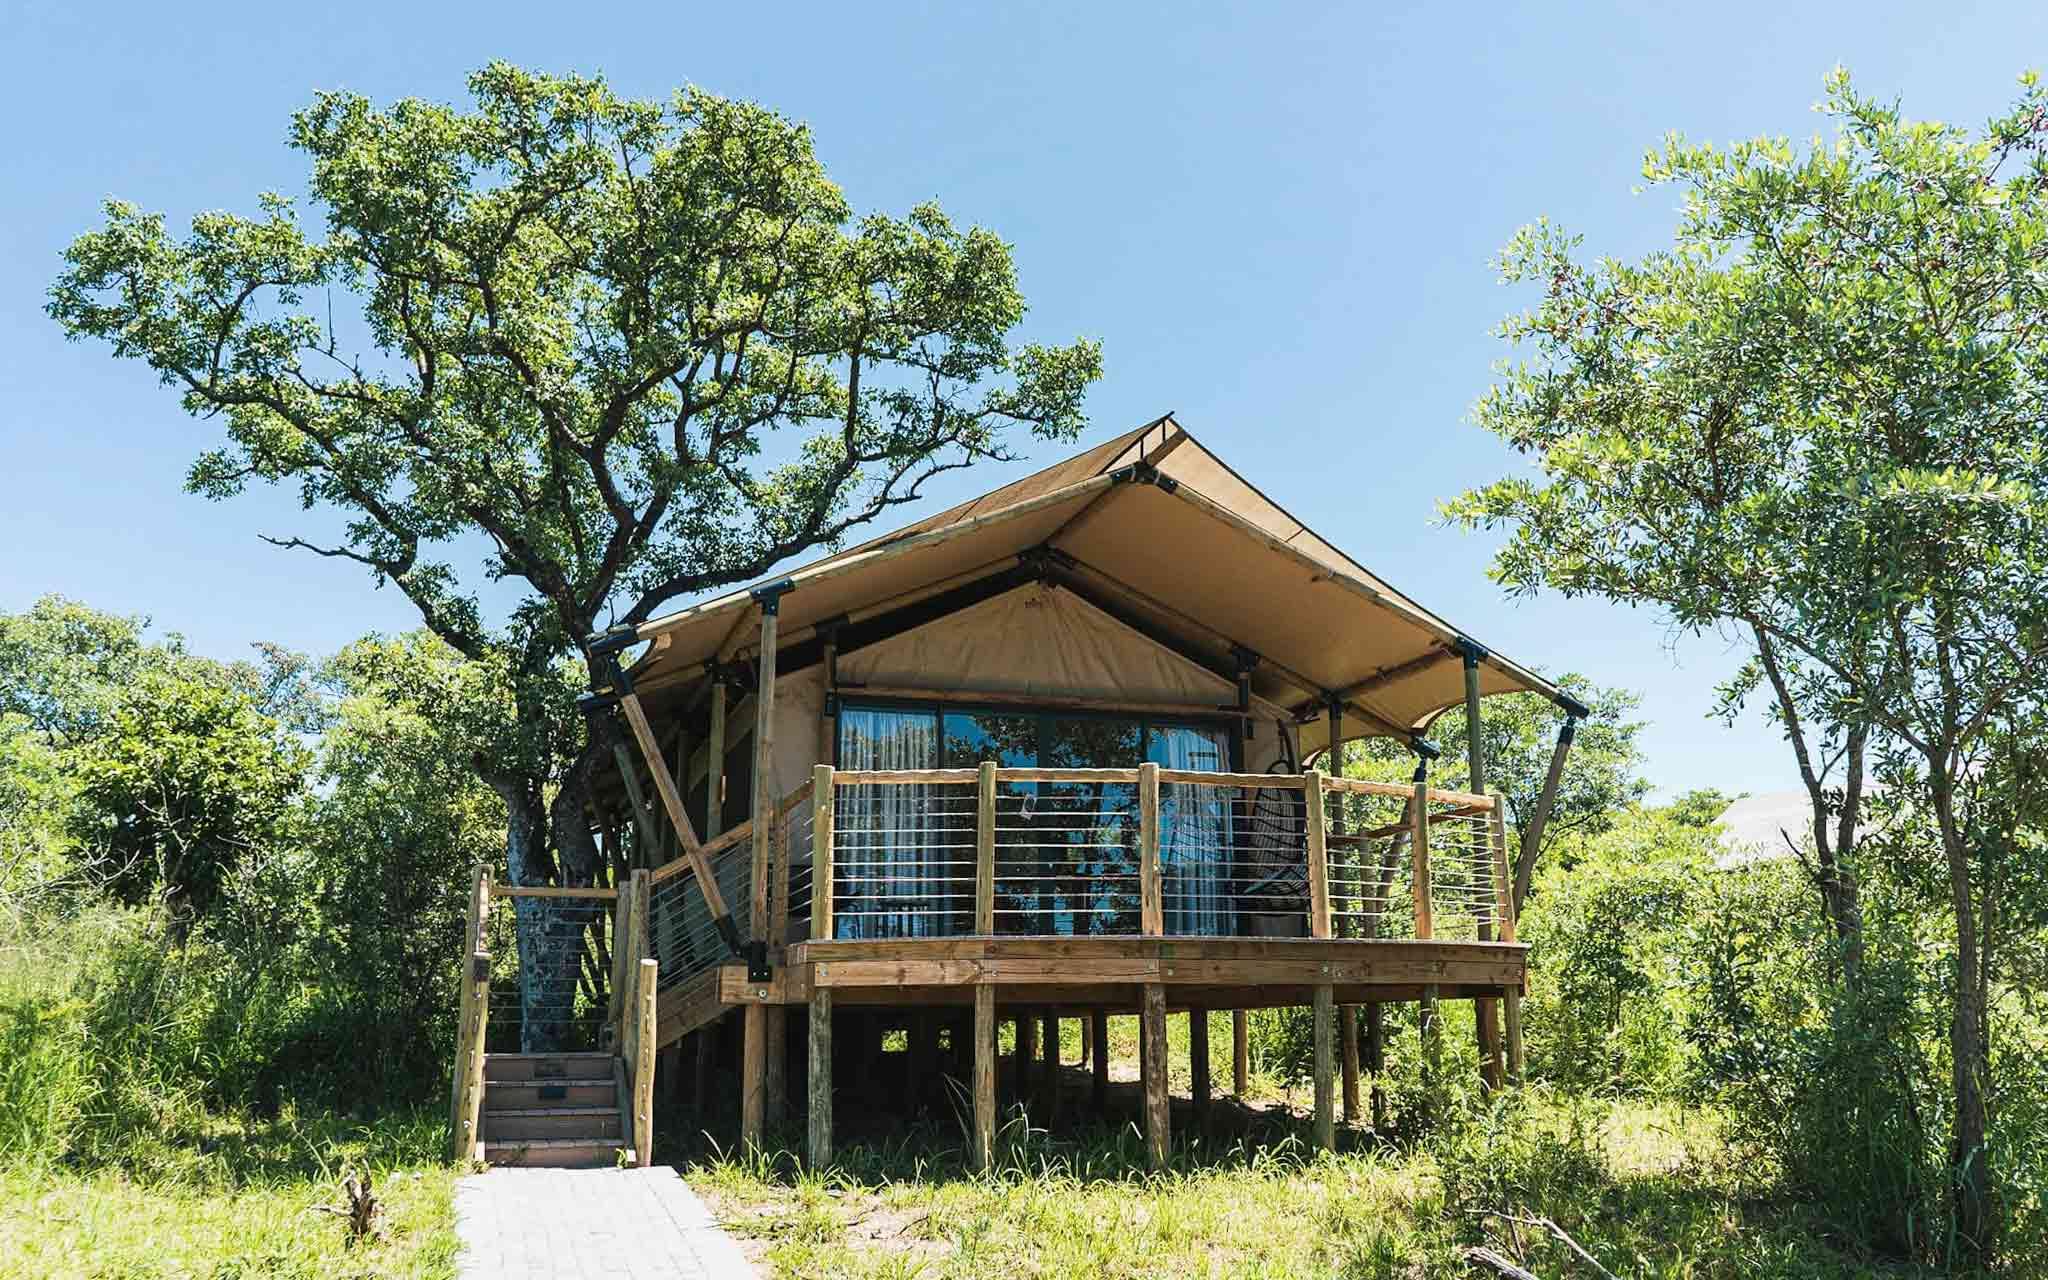 2. Mdluli Safari Lodge